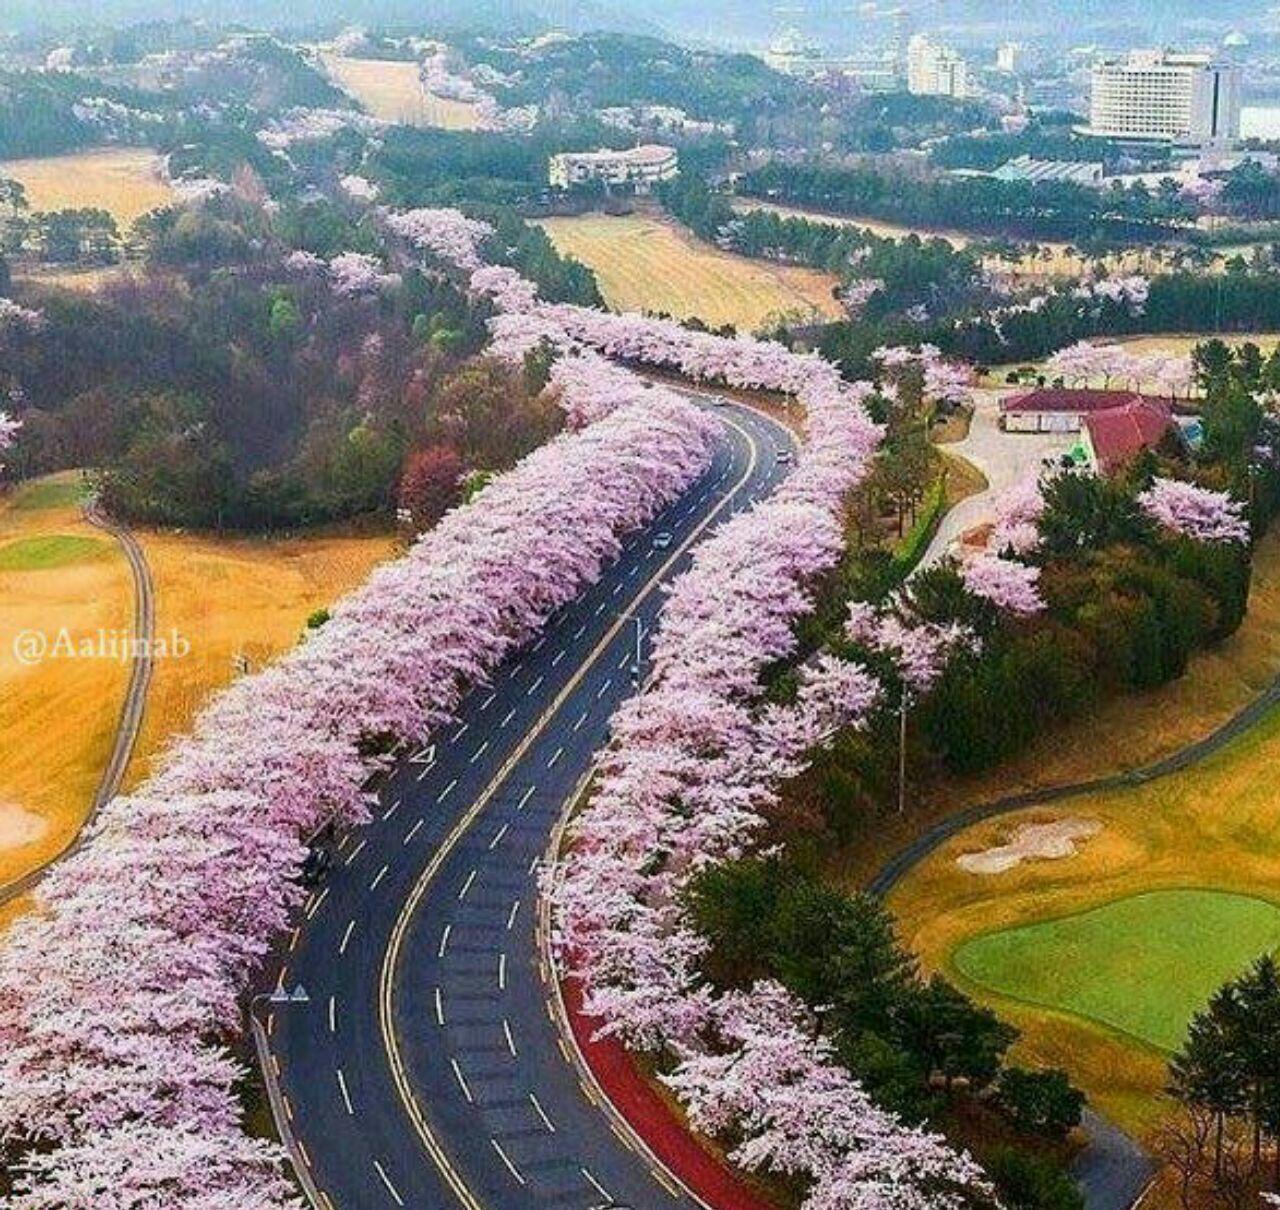 Photo of متن زیبا در مورد جاده و سفر کردن + تصاویر از جاده های زیبا